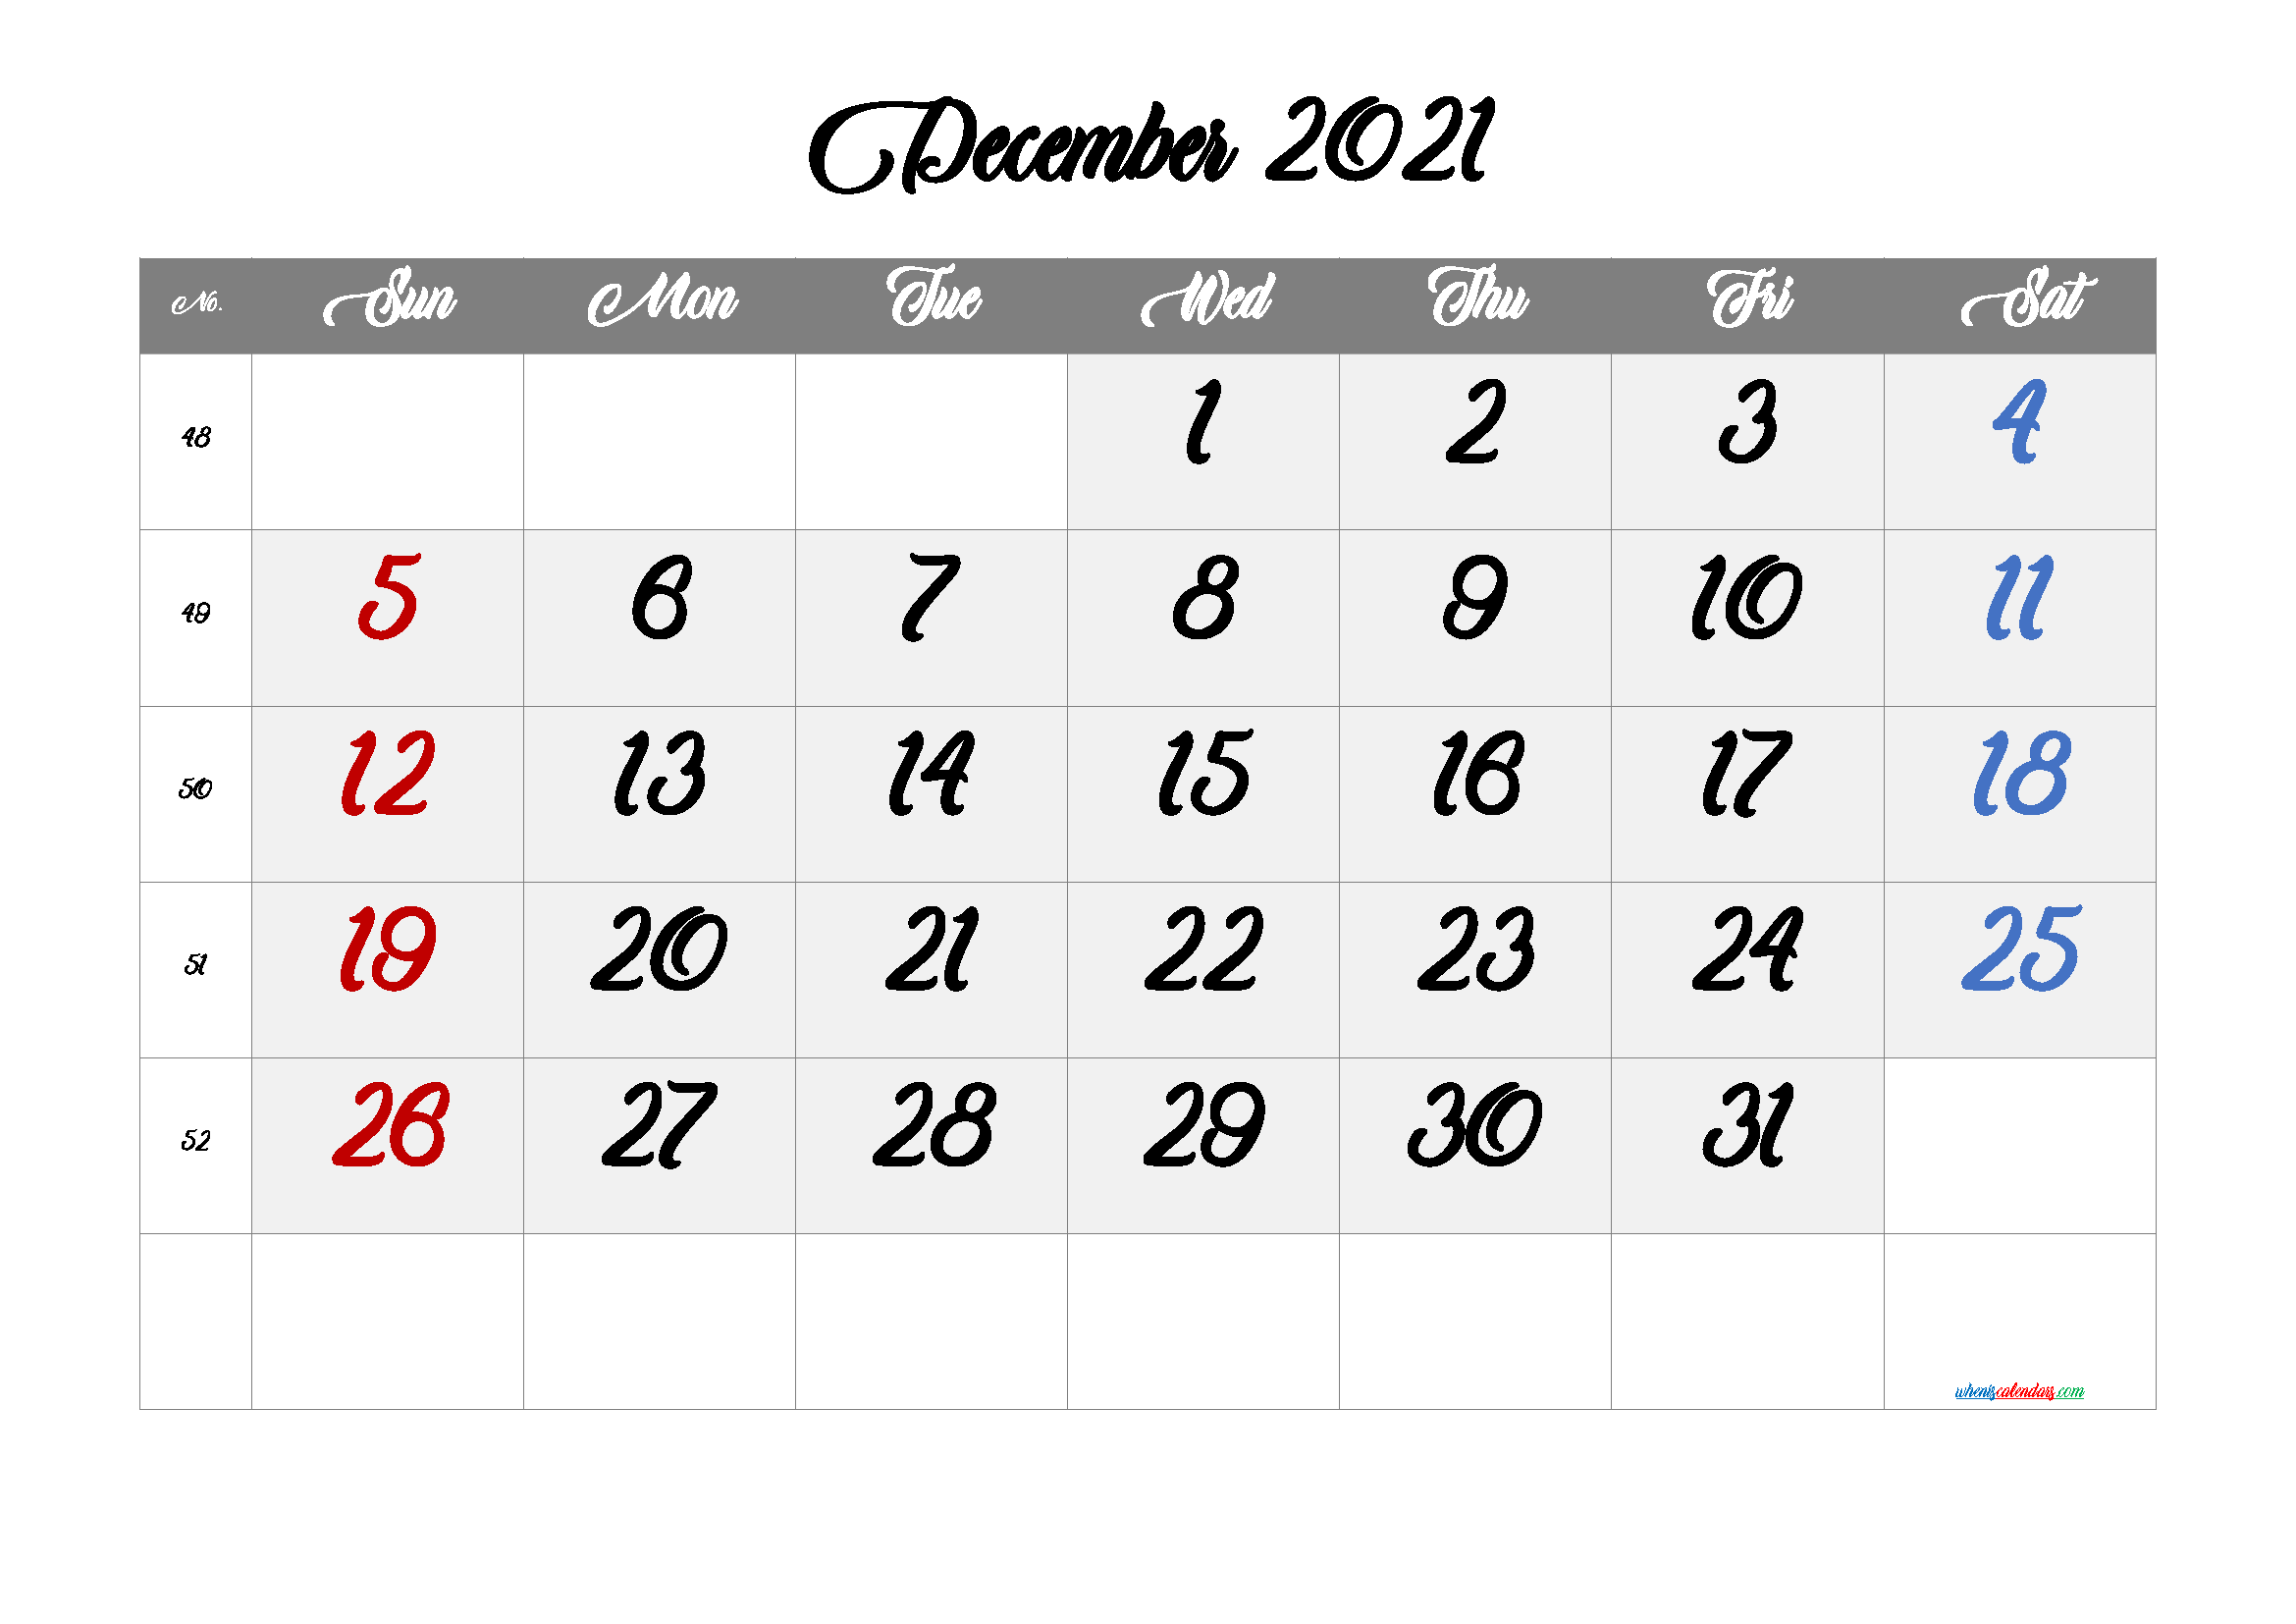 free printable december 2021 calendar with week numbers